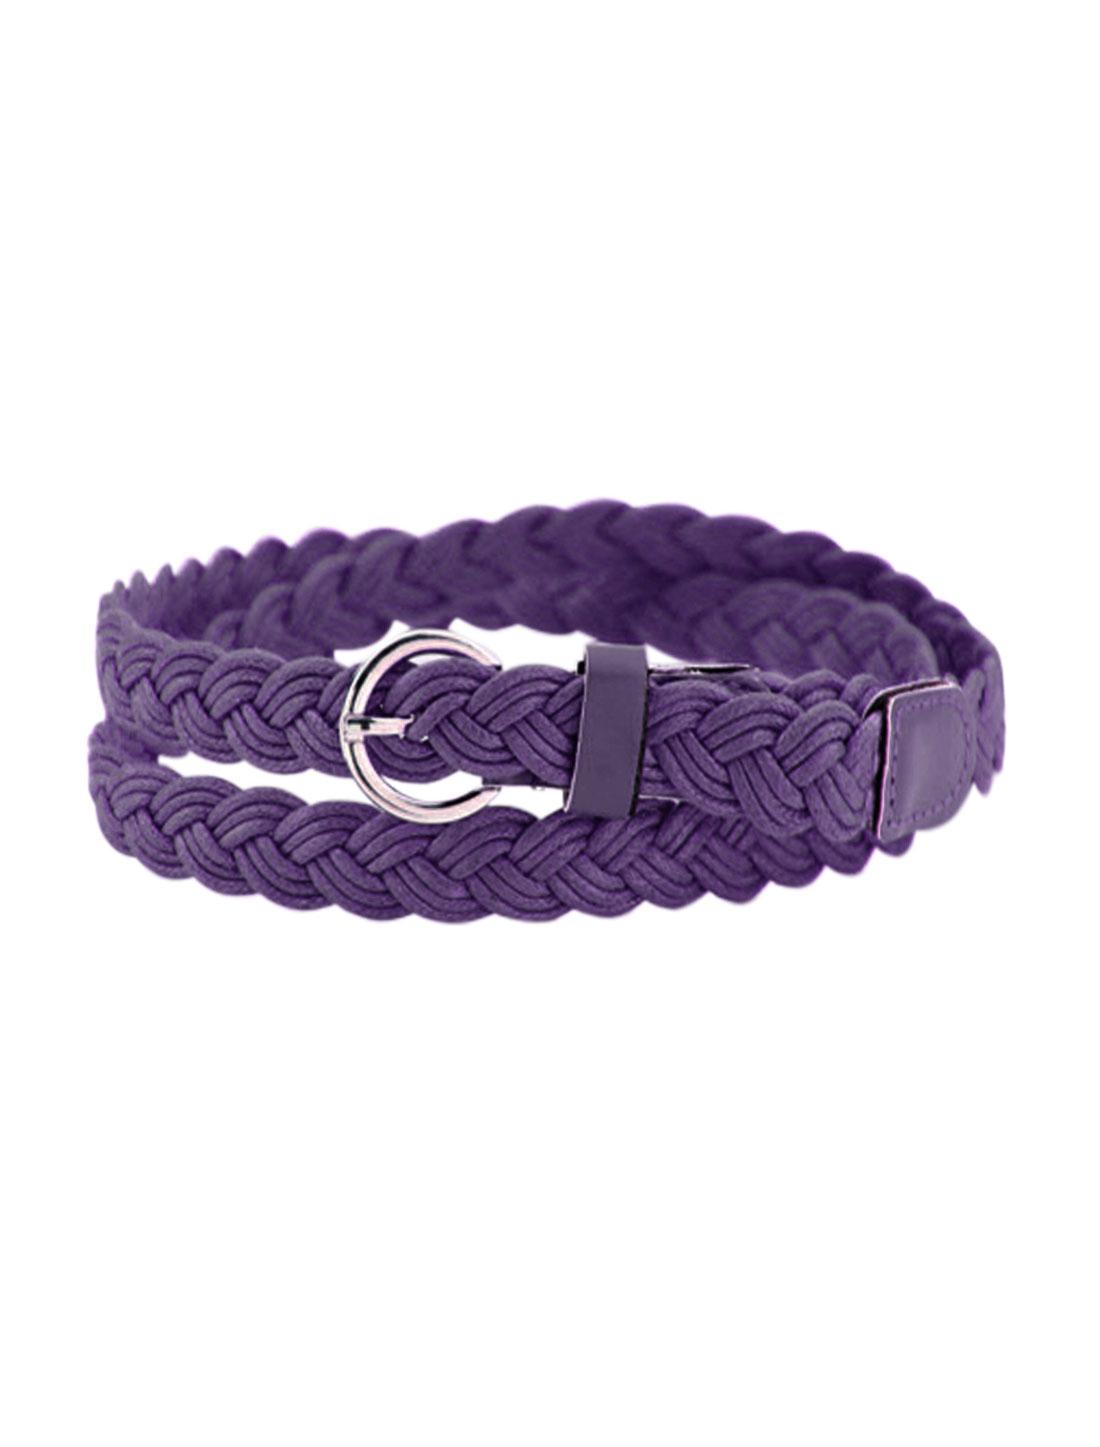 Women Adjustable Single Pin Buckle Skinny Braided Belt Purple